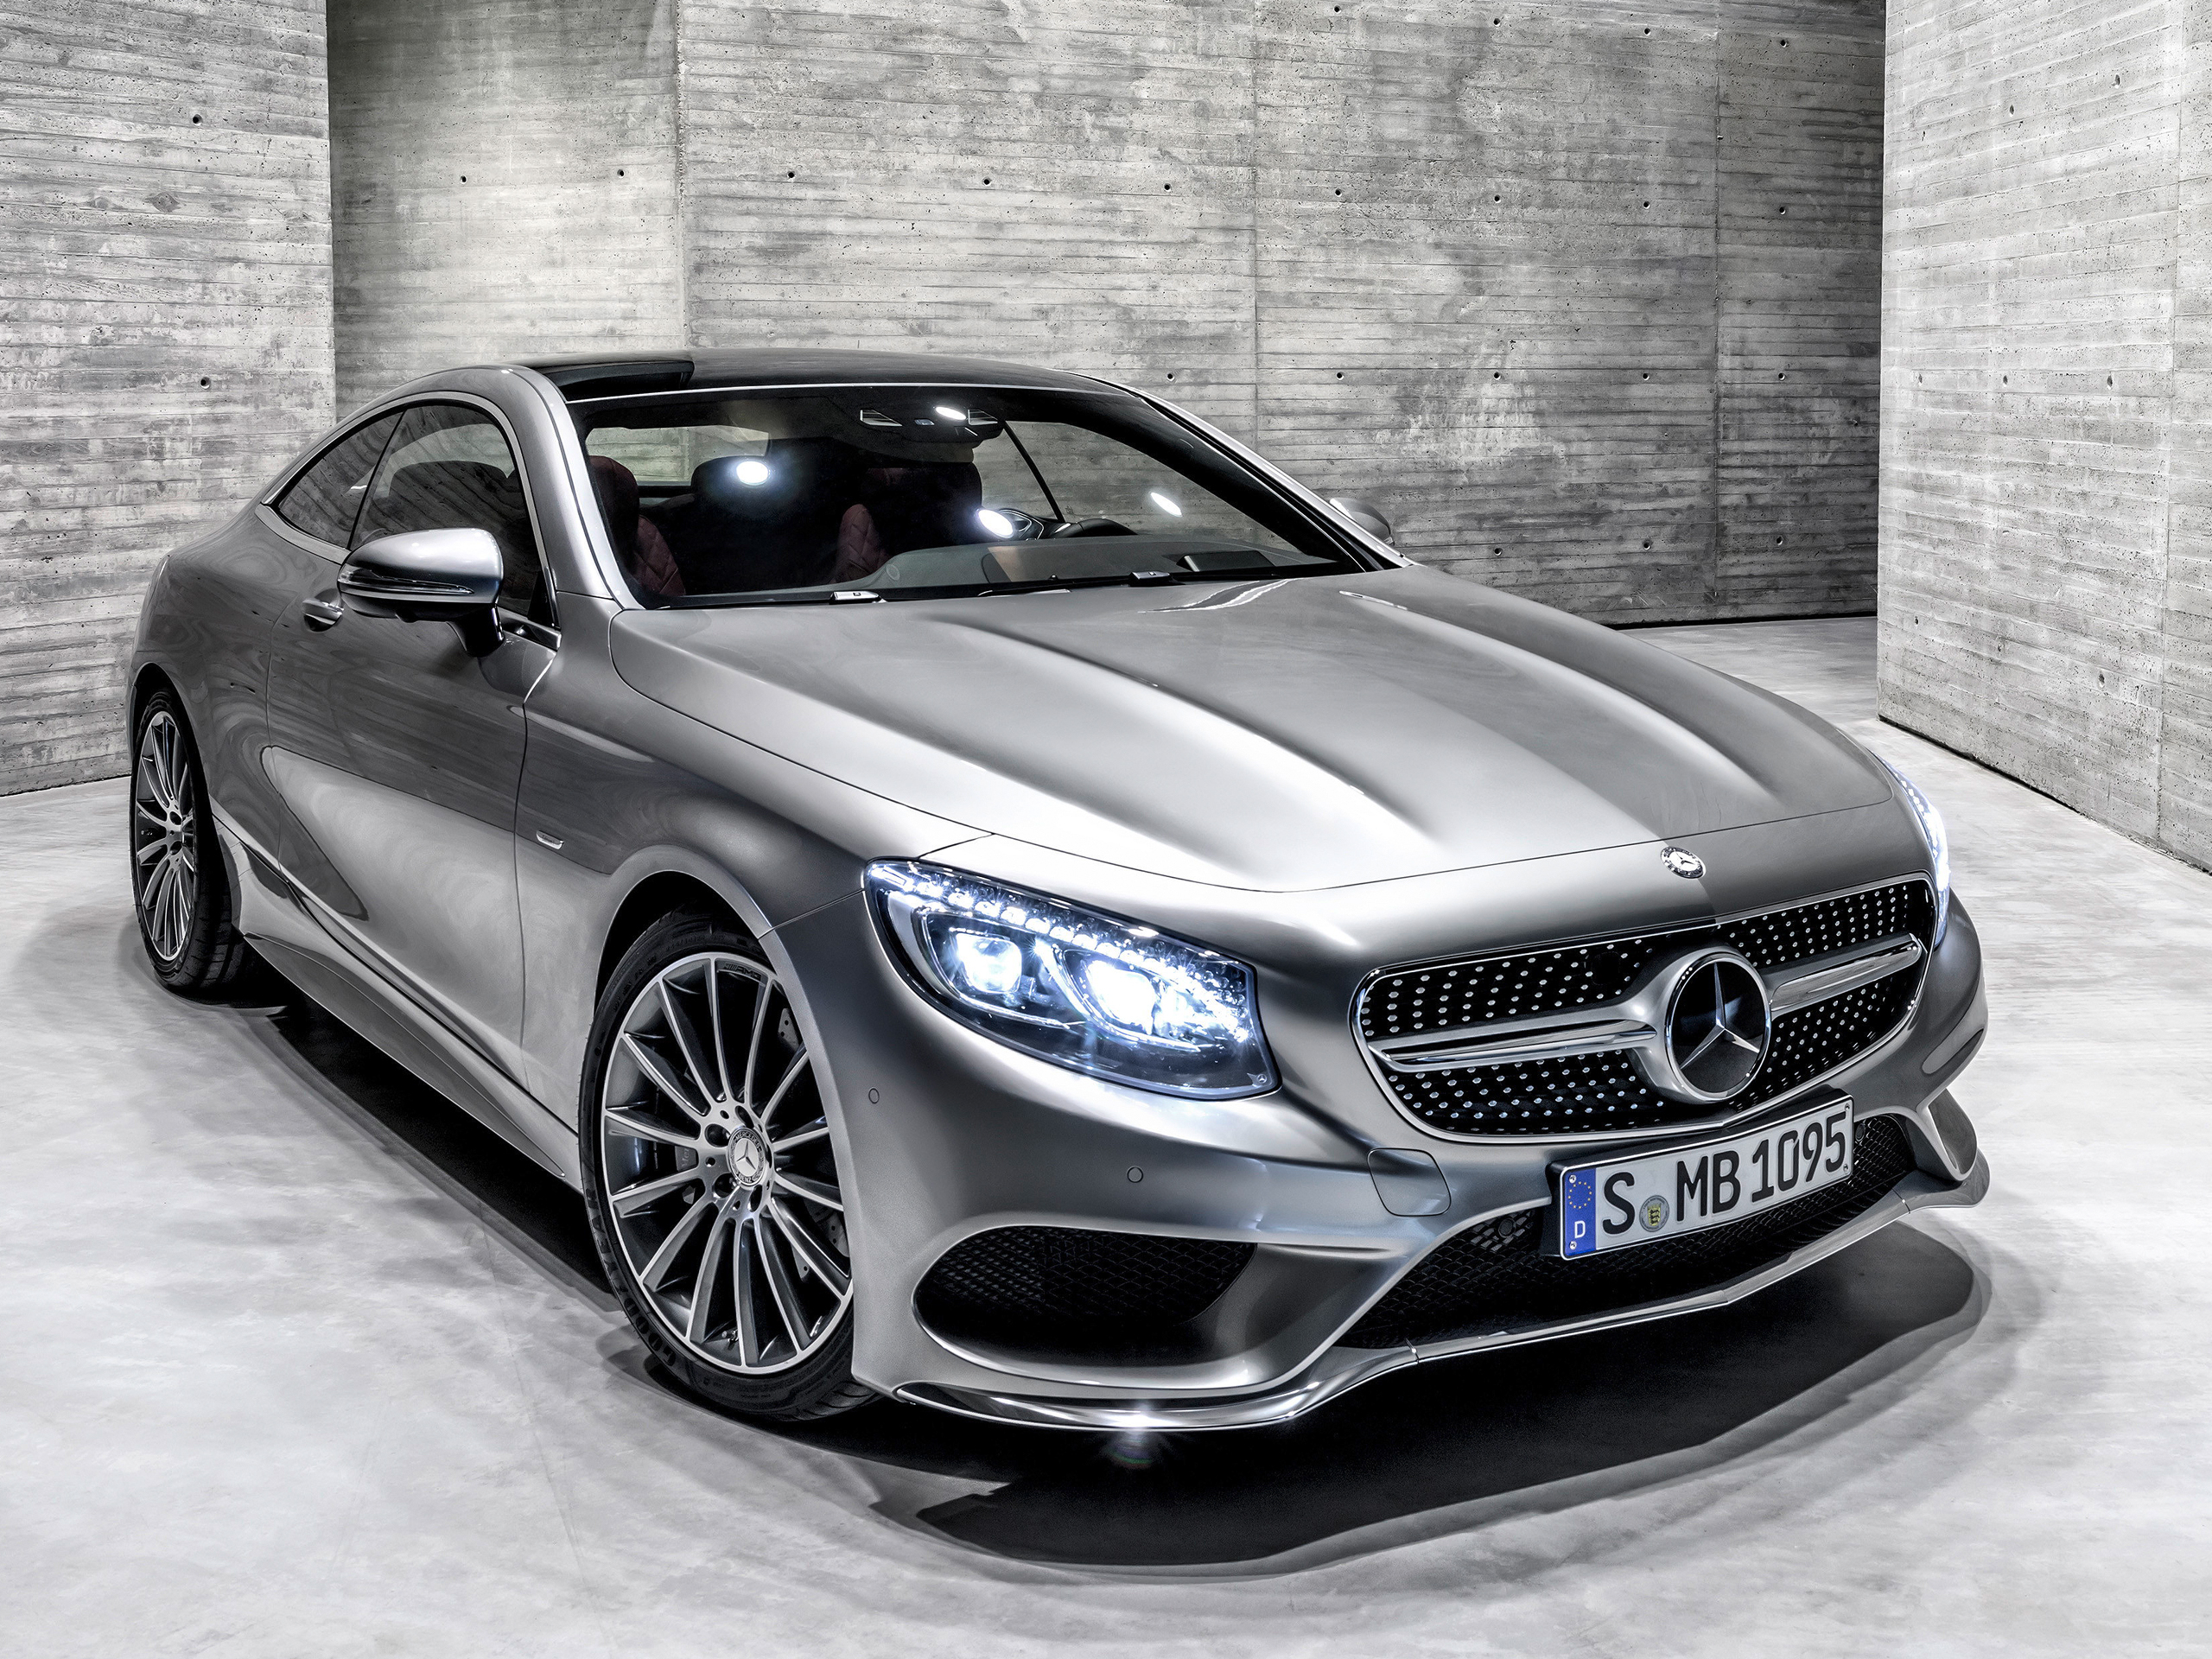 Mercedes S-Klasse Coupé 2014: Luxus zum Dahinschmelzen